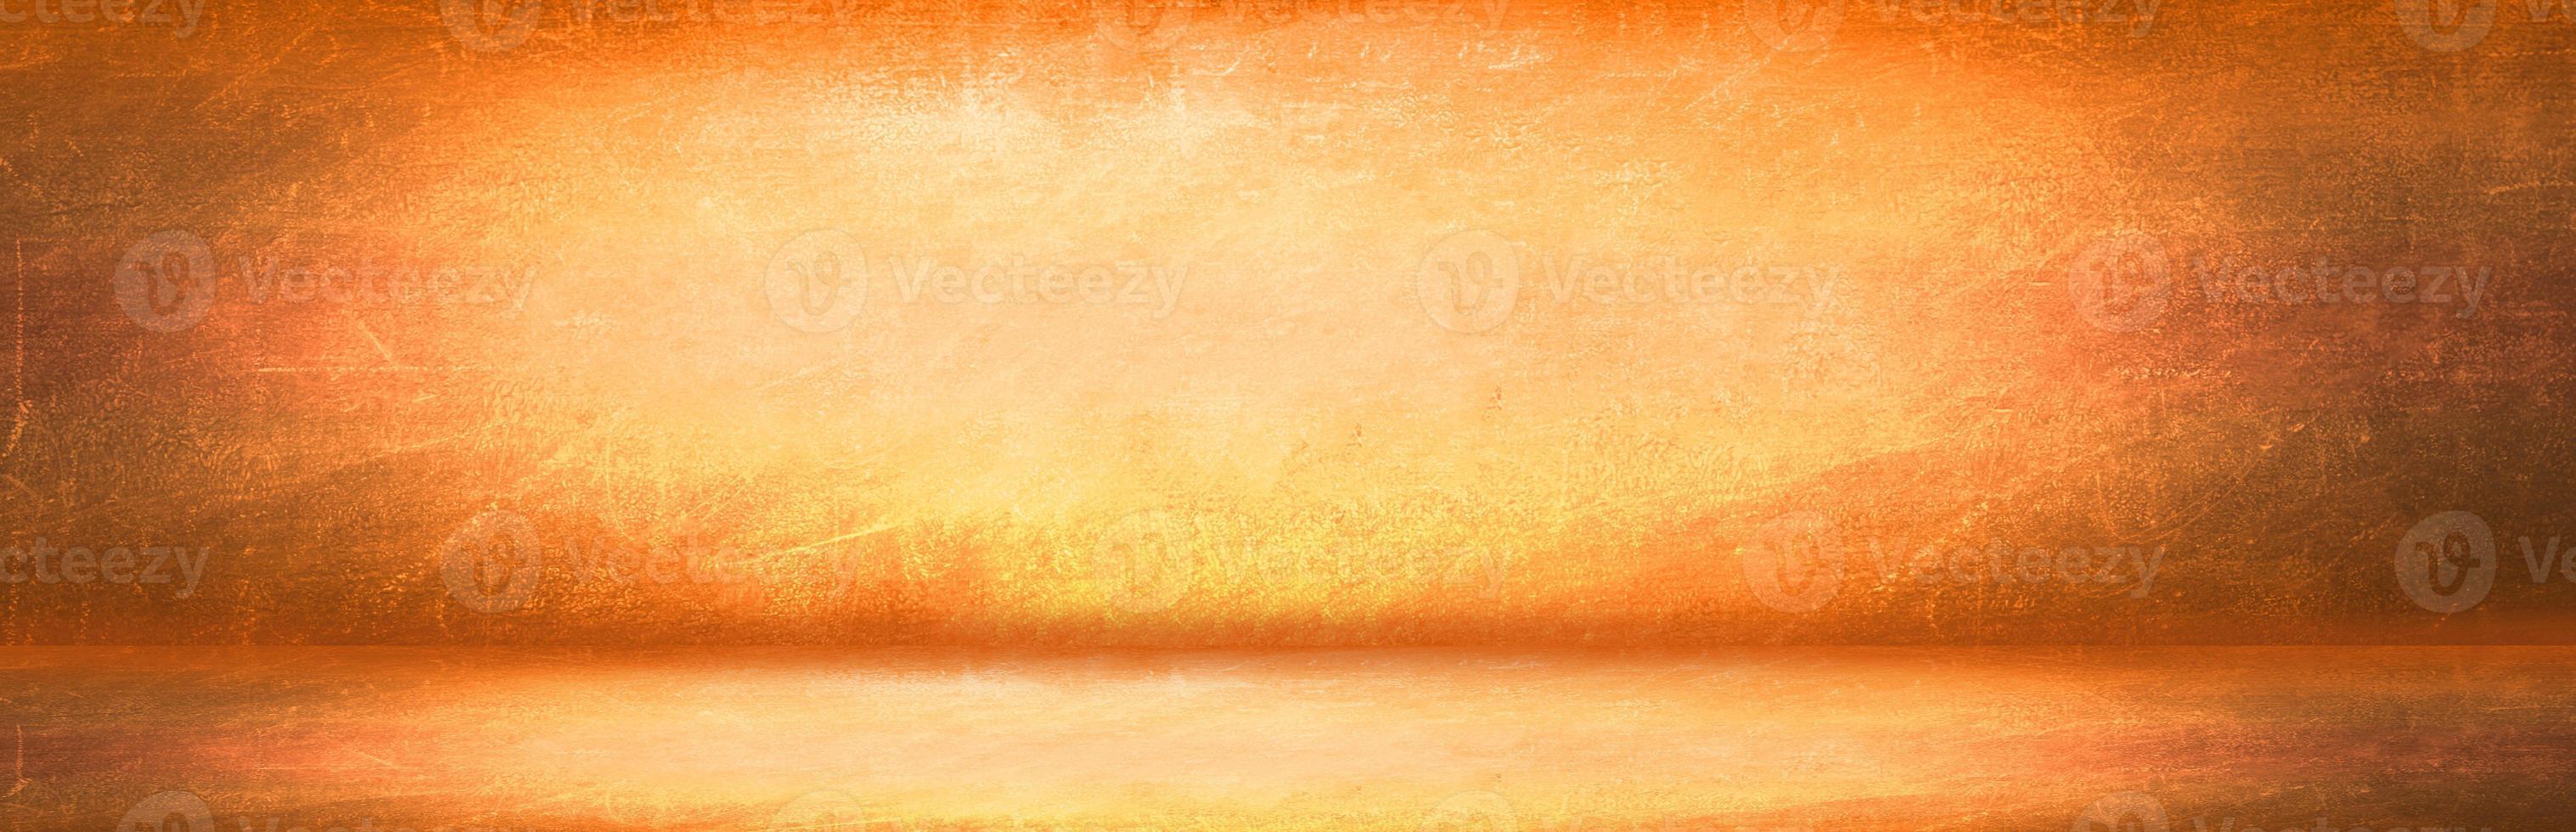 gele en oranje grunge muur achtergrond foto